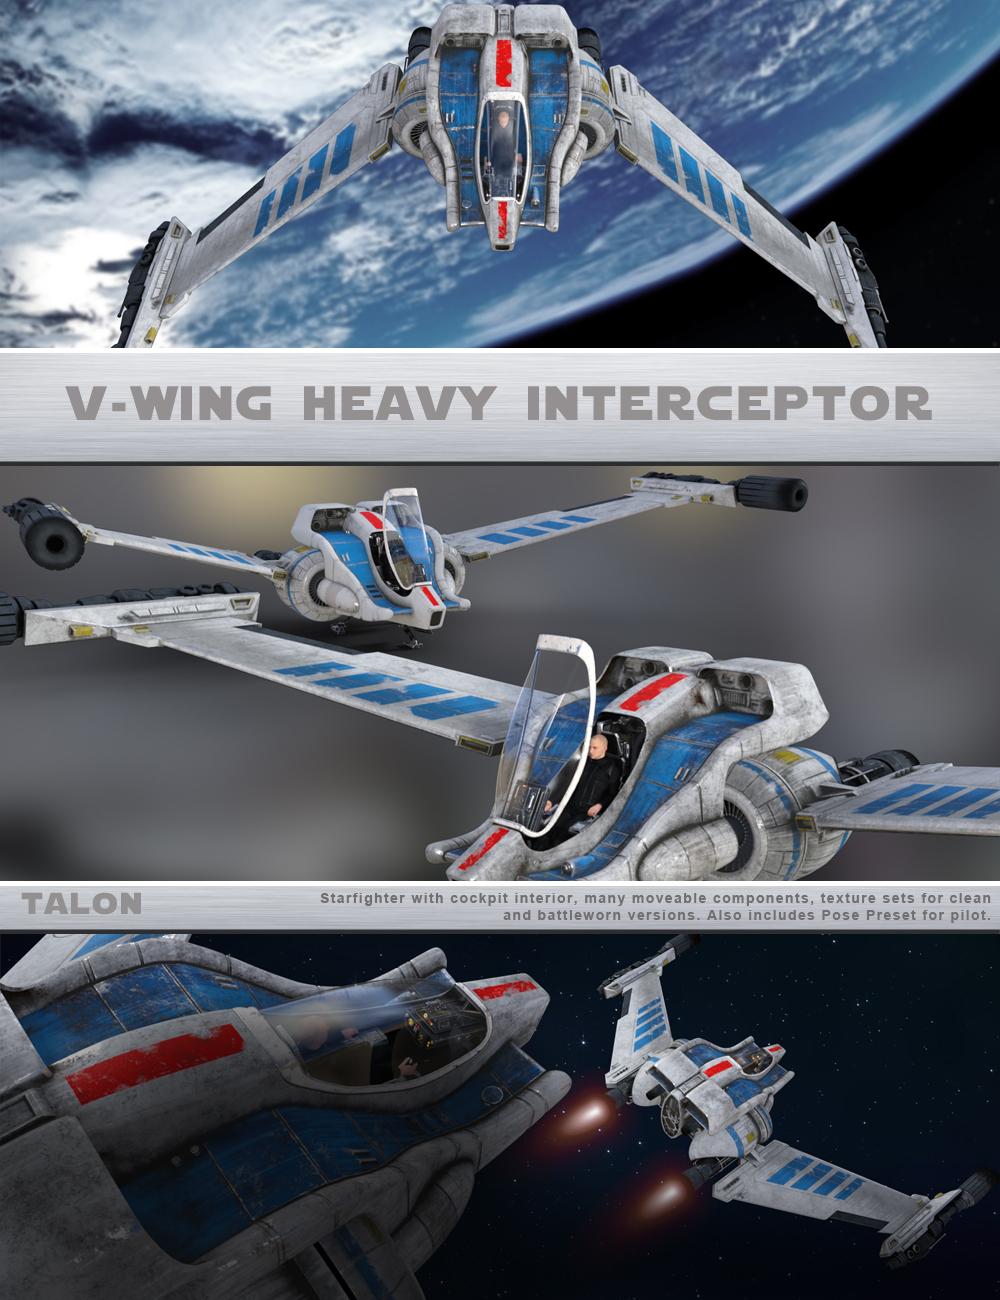 TALON V-Wing Interceptor by: Talon, 3D Models by Daz 3D